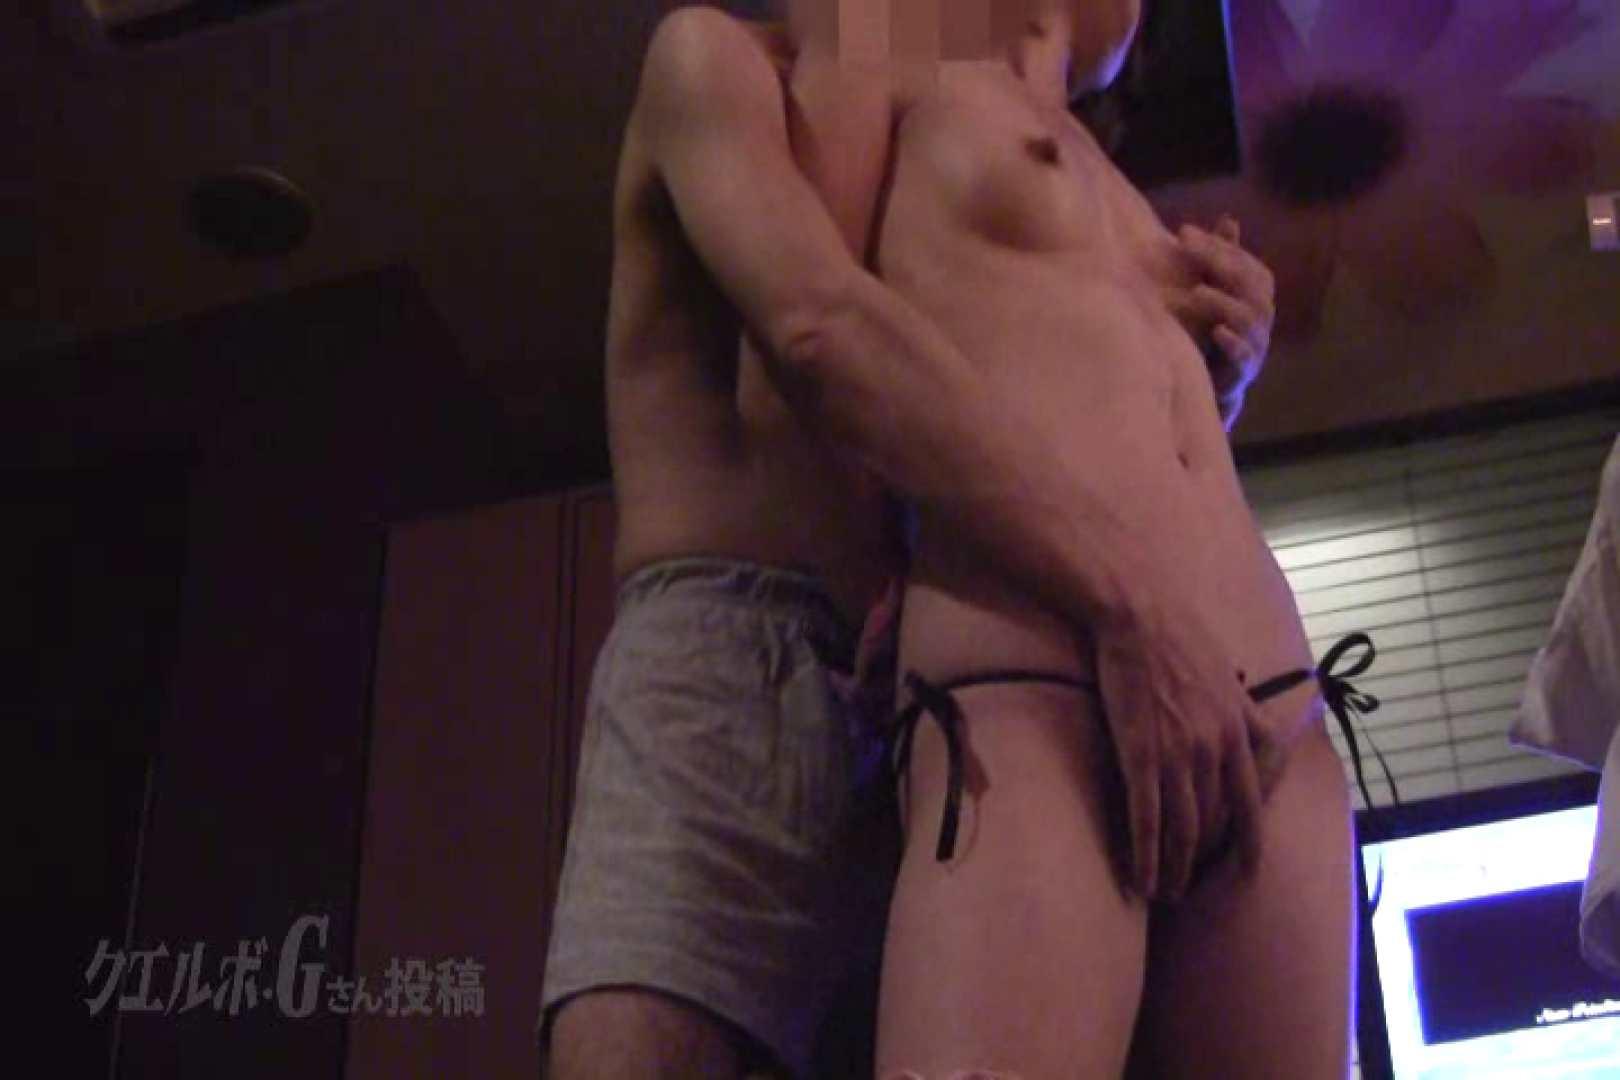 クエルボ・Gさん投稿 30歳人妻さんとの×××vol.3 人妻のエロ生活 われめAV動画紹介 110連発 71